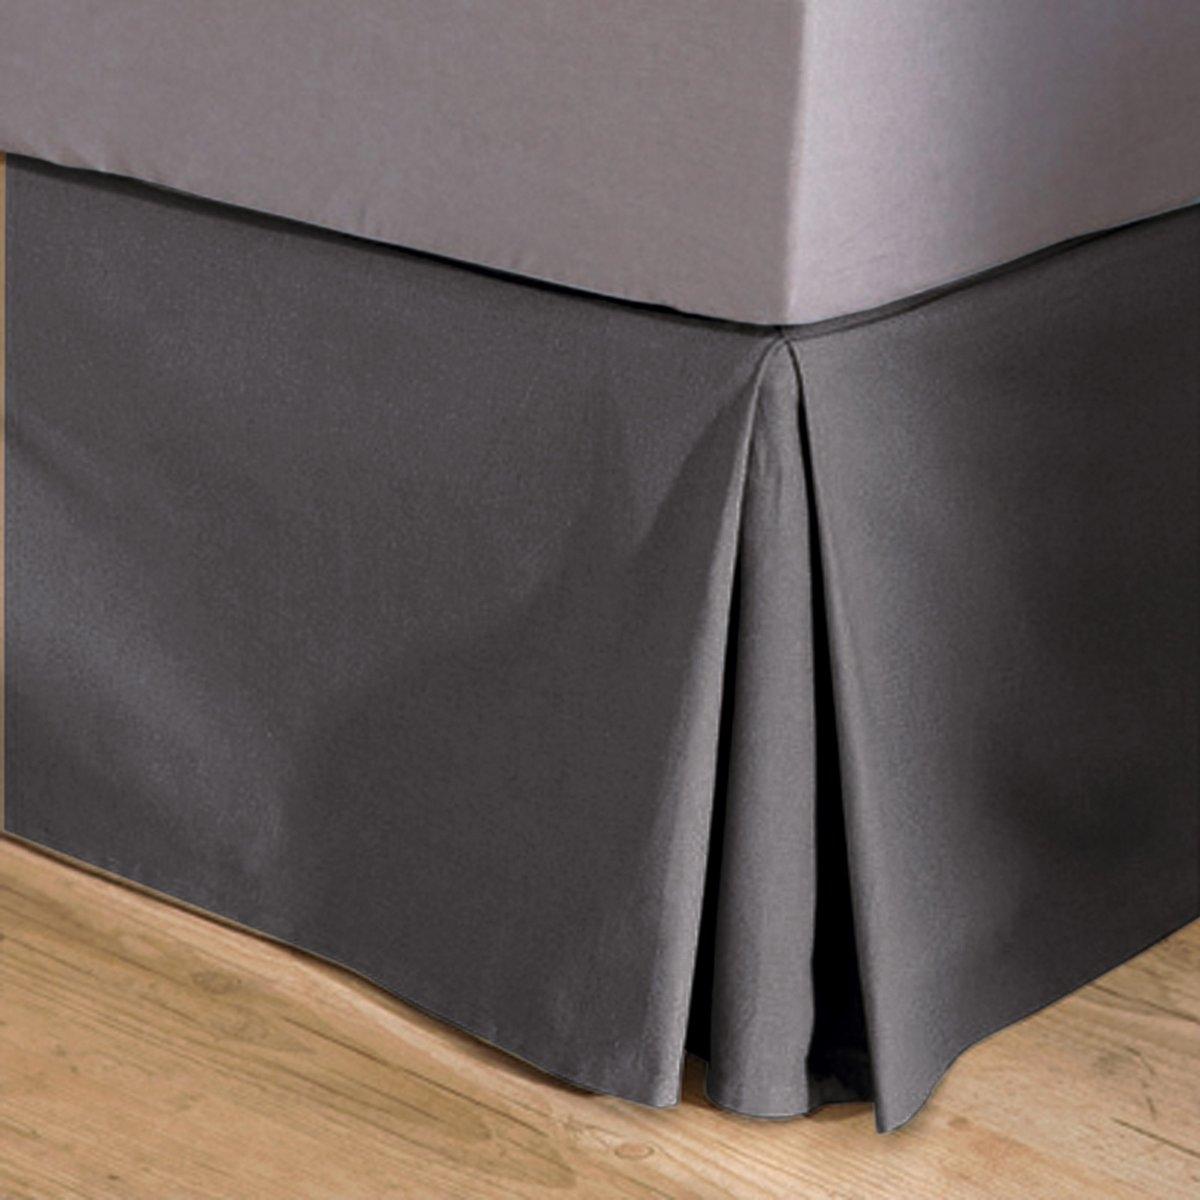 НаматрасникКачество VALEUR S?RE. Плотная, очень прочная и простая в уходе ткань, 100% хлопка (215 г/м?). Изысканная отделка. Закрывает 3 стороны кровати (сторона изголовья не закрыта). Высота боковых клапанов 30 см. Углы со встречными складками. Стирка при 40°.<br><br>Цвет: антрацит,белый,медовый,облачно-серый,розовая пудра,серо-коричневый каштан,сине-зеленый,синий индиго,сливовый,черный,экрю<br>Размер: 90 x 190 см.140 x 190  см.160 x 200 см.90 x 190 см.90 x 190 см.140 x 190  см.140 x 190  см.160 x 200 см.160 x 200 см